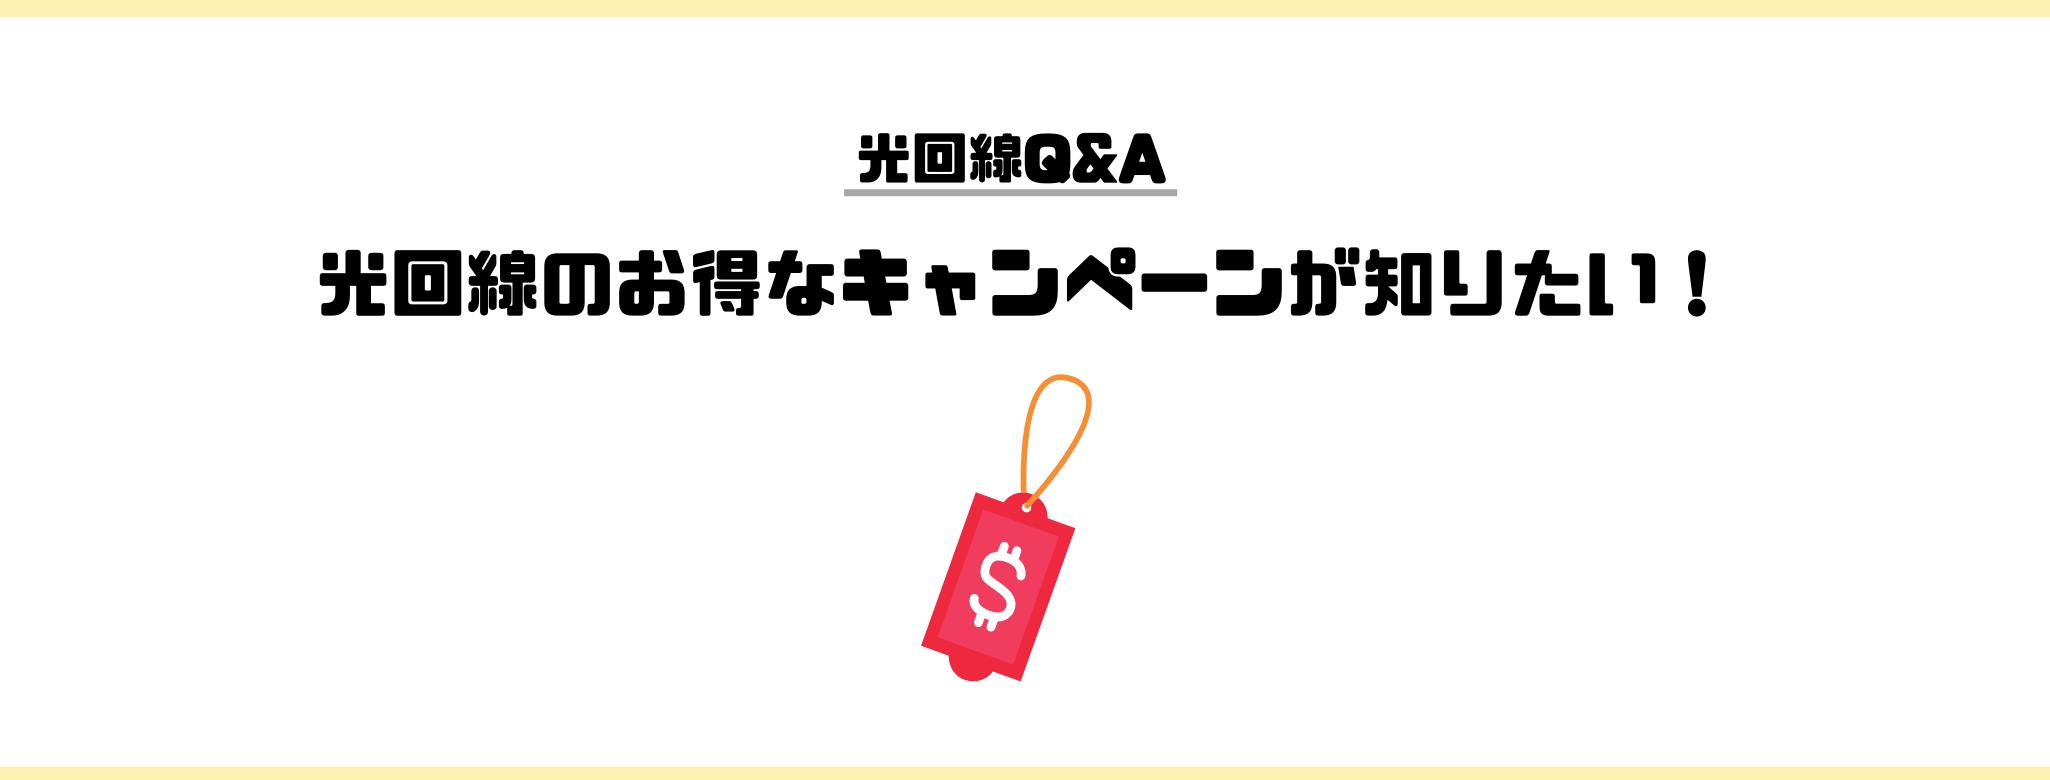 光回線_安い_キャンペーン_お得